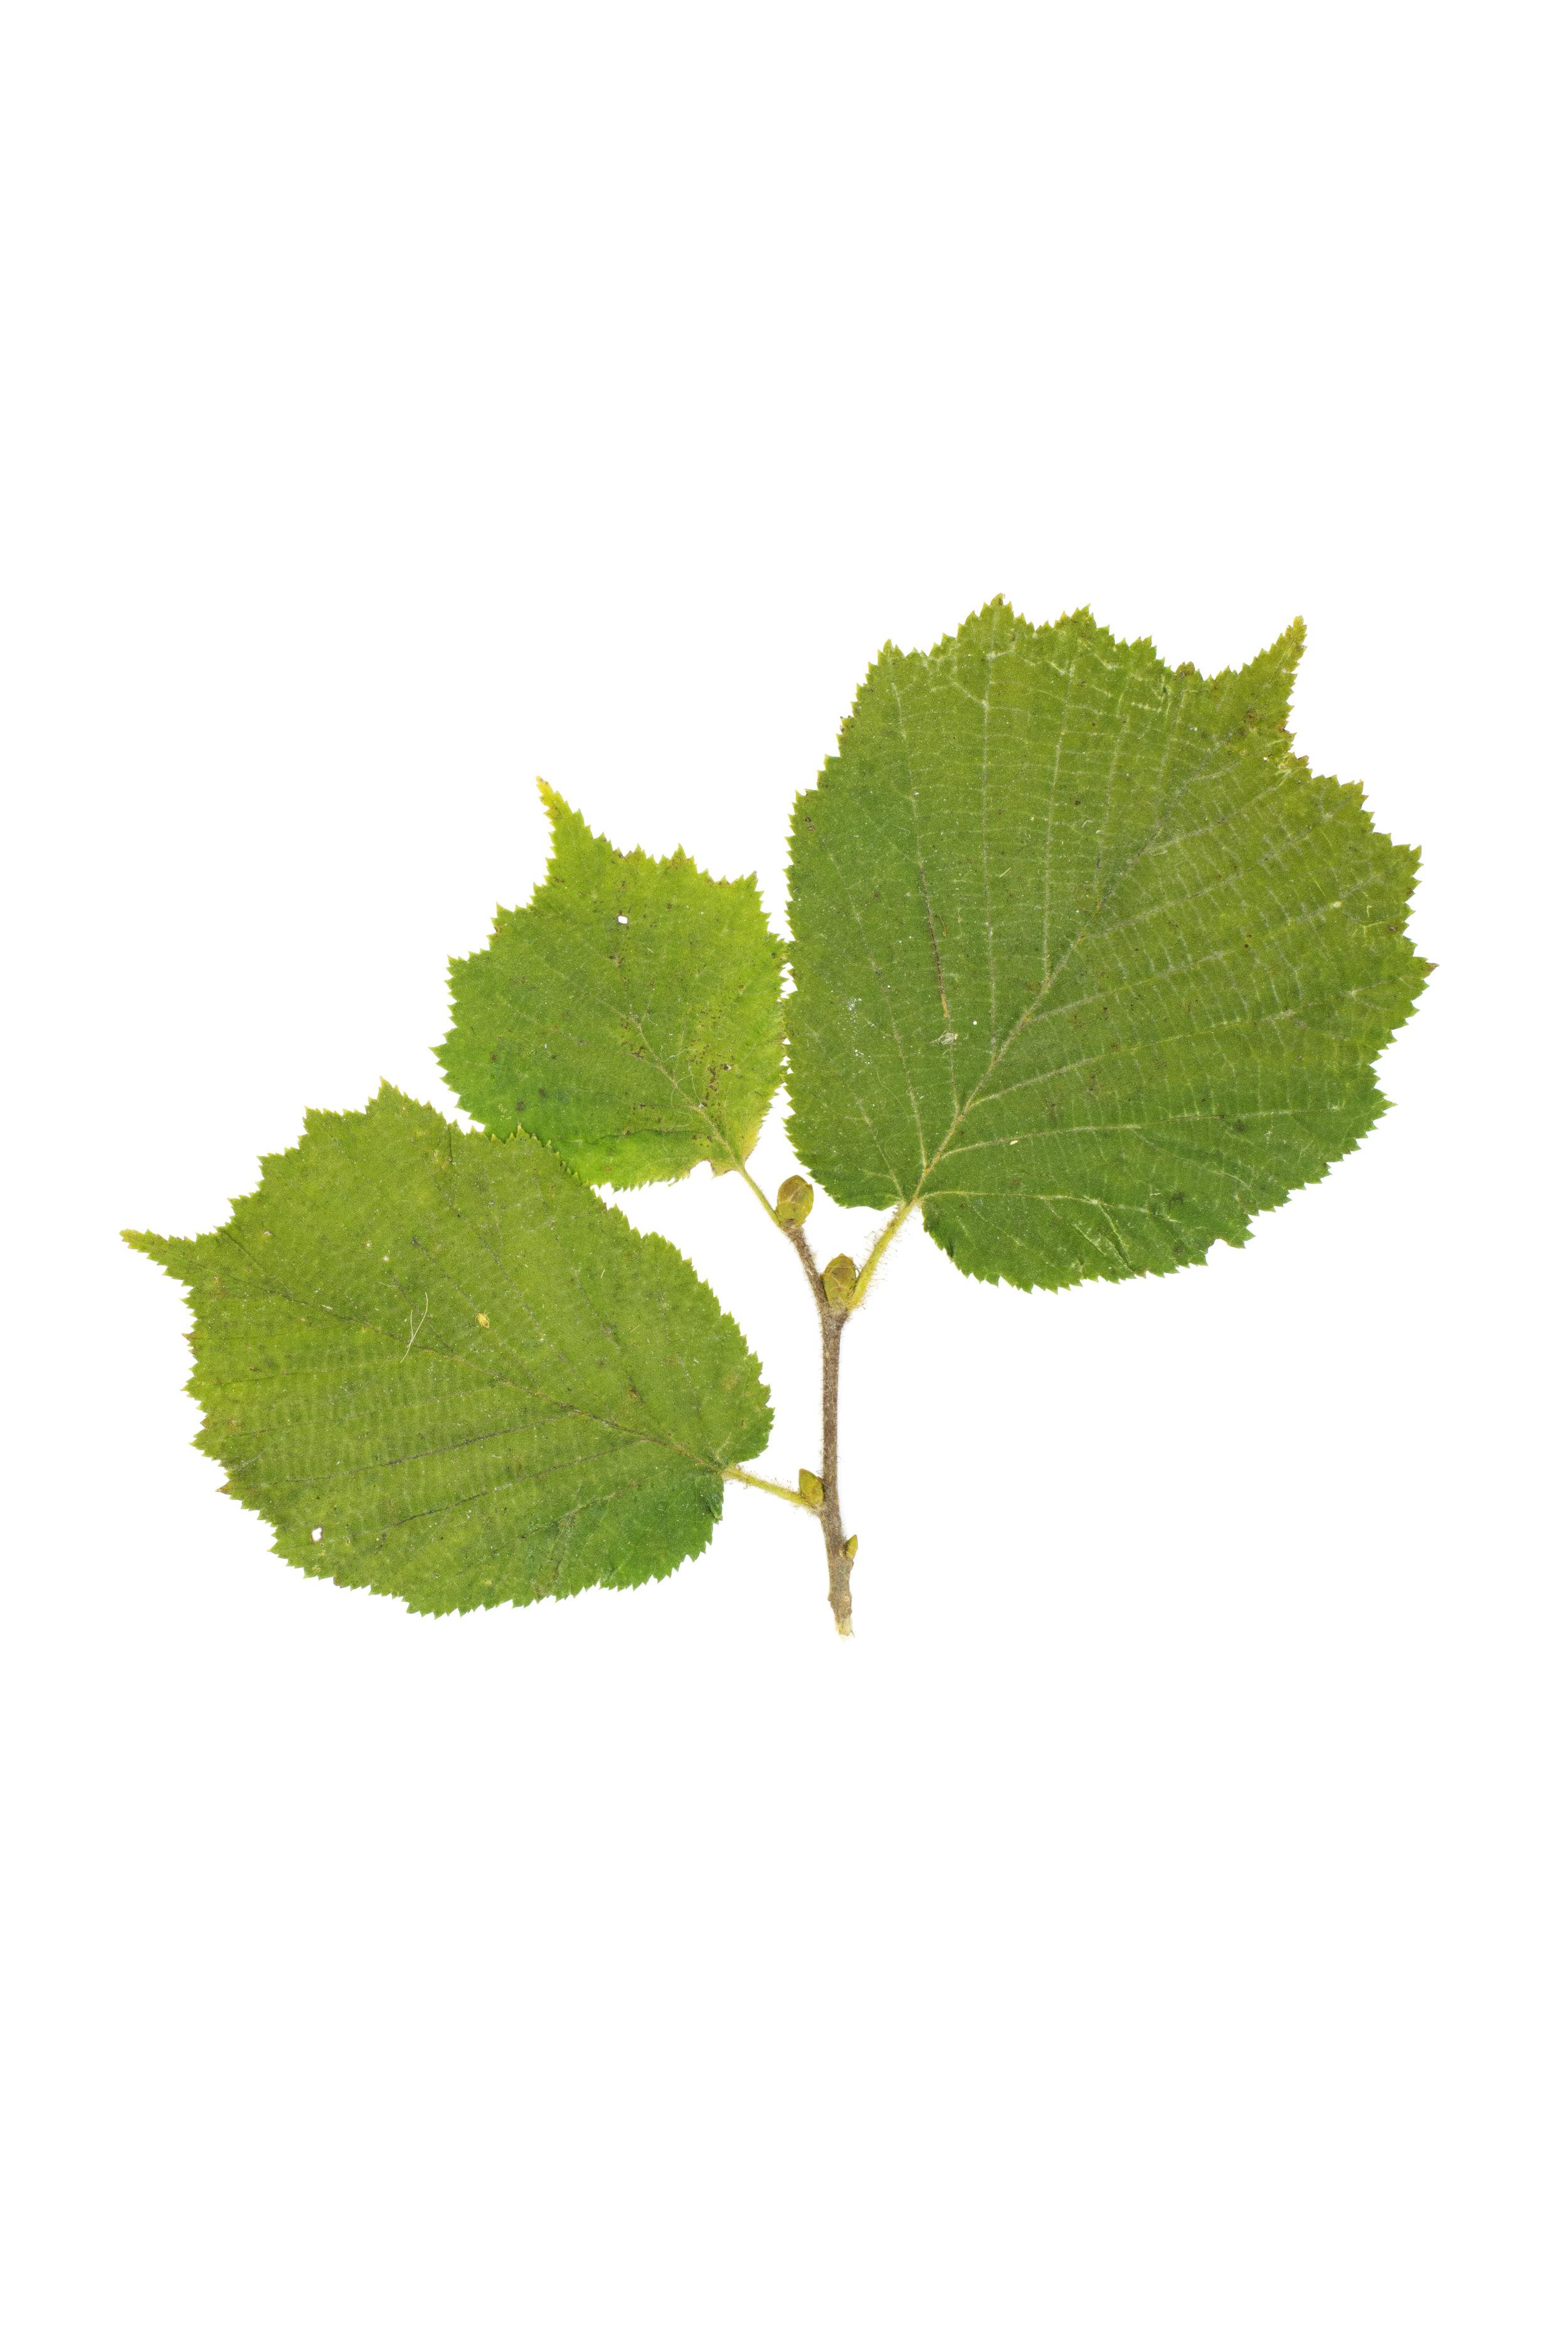 Common Hazel / Corylus avellana